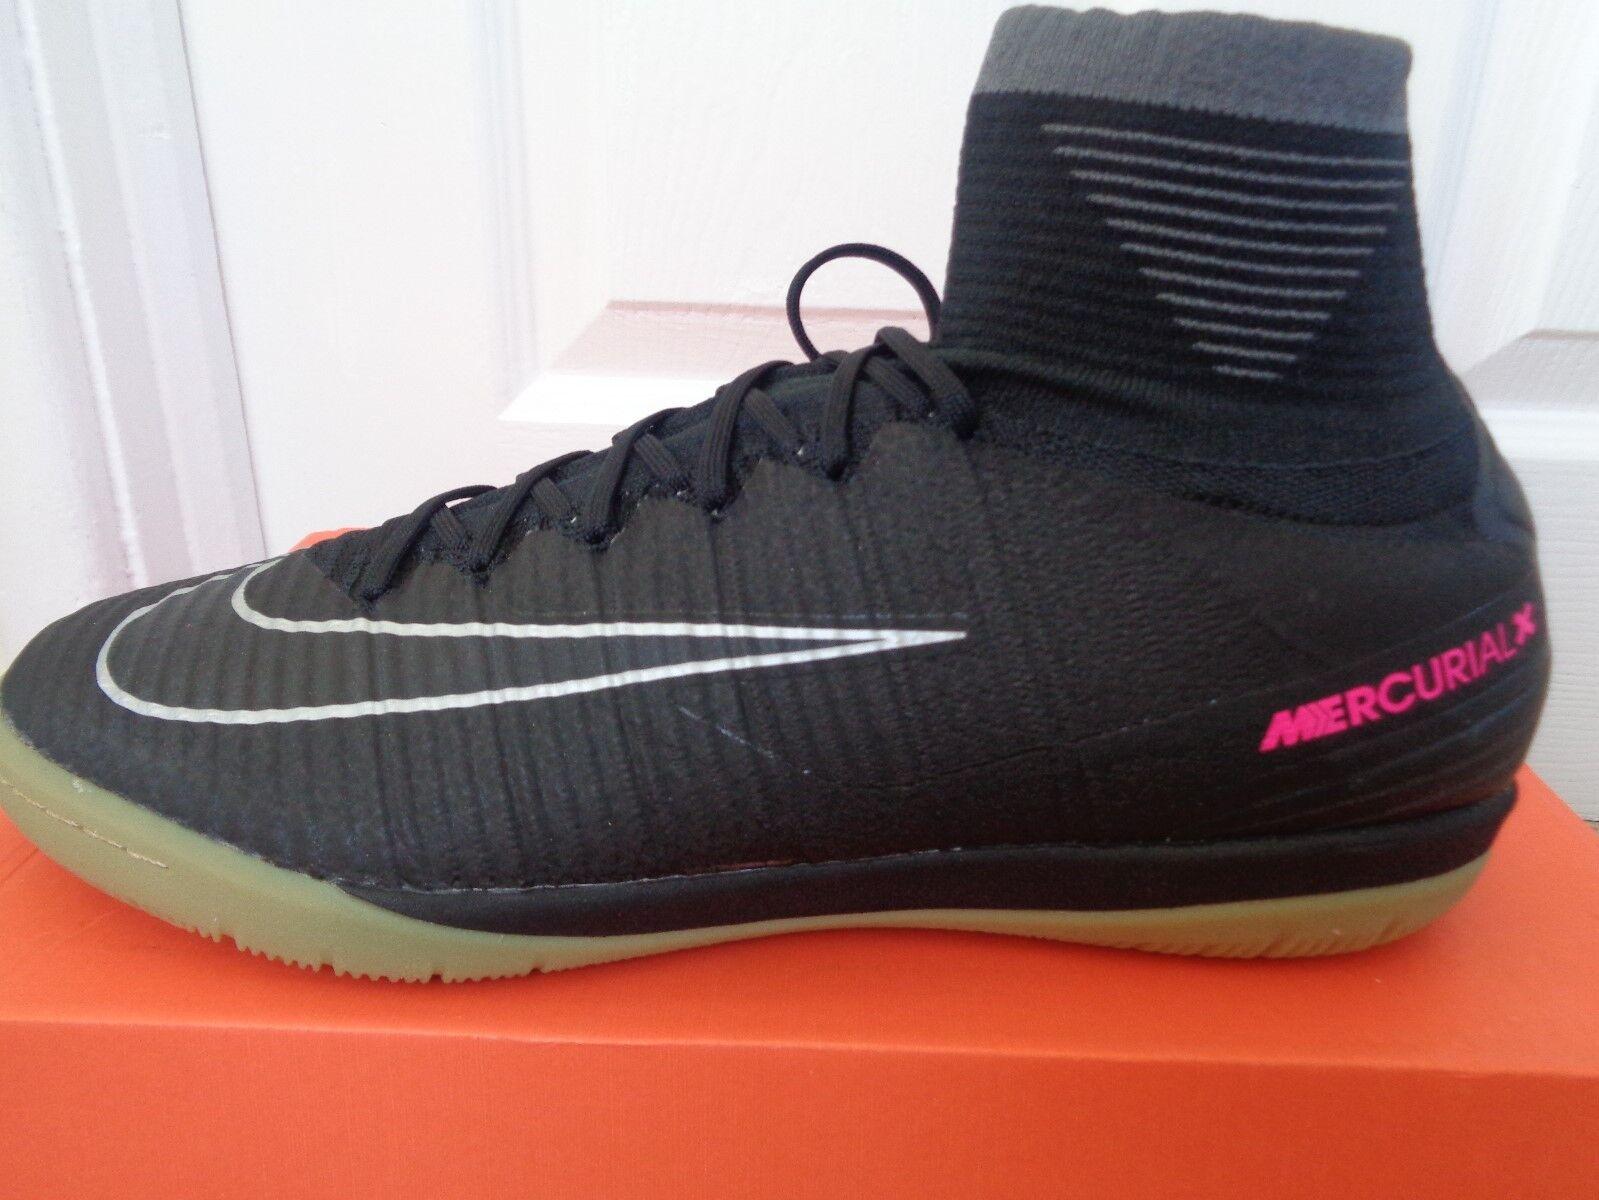 Nike Mercurial Mauricio Augusto  11 Df. botas de futbol 831976 009 10.5 EU 45.5 nos 11.5